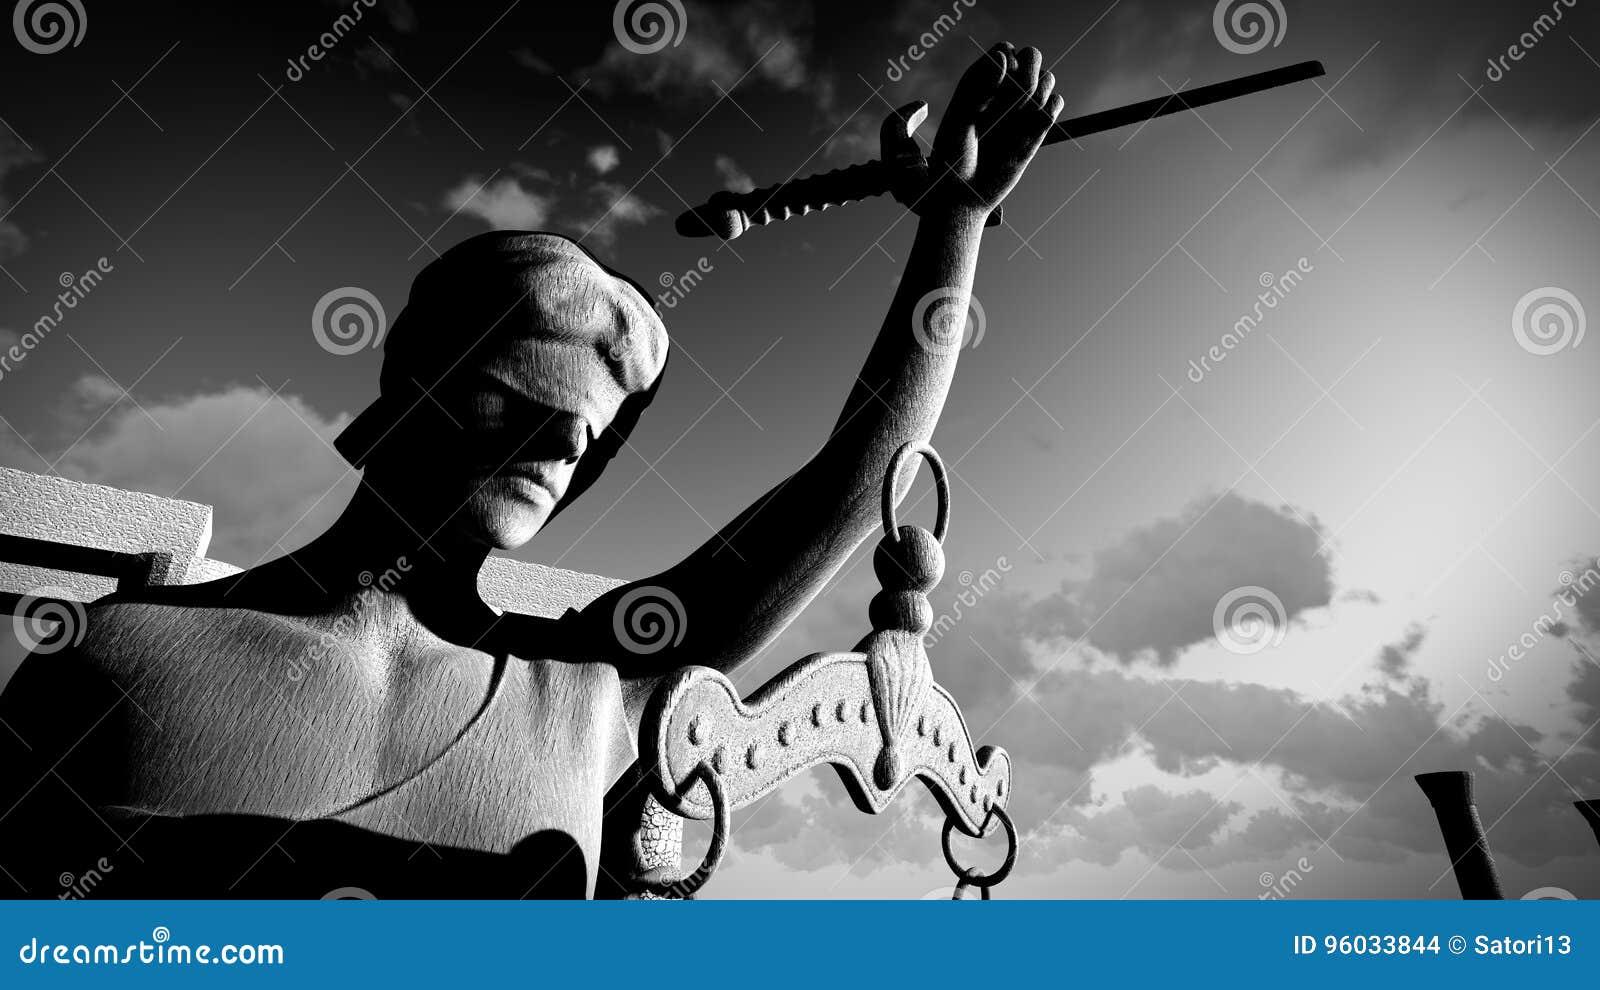 Łamana dama sprawiedliwości 3d rendering